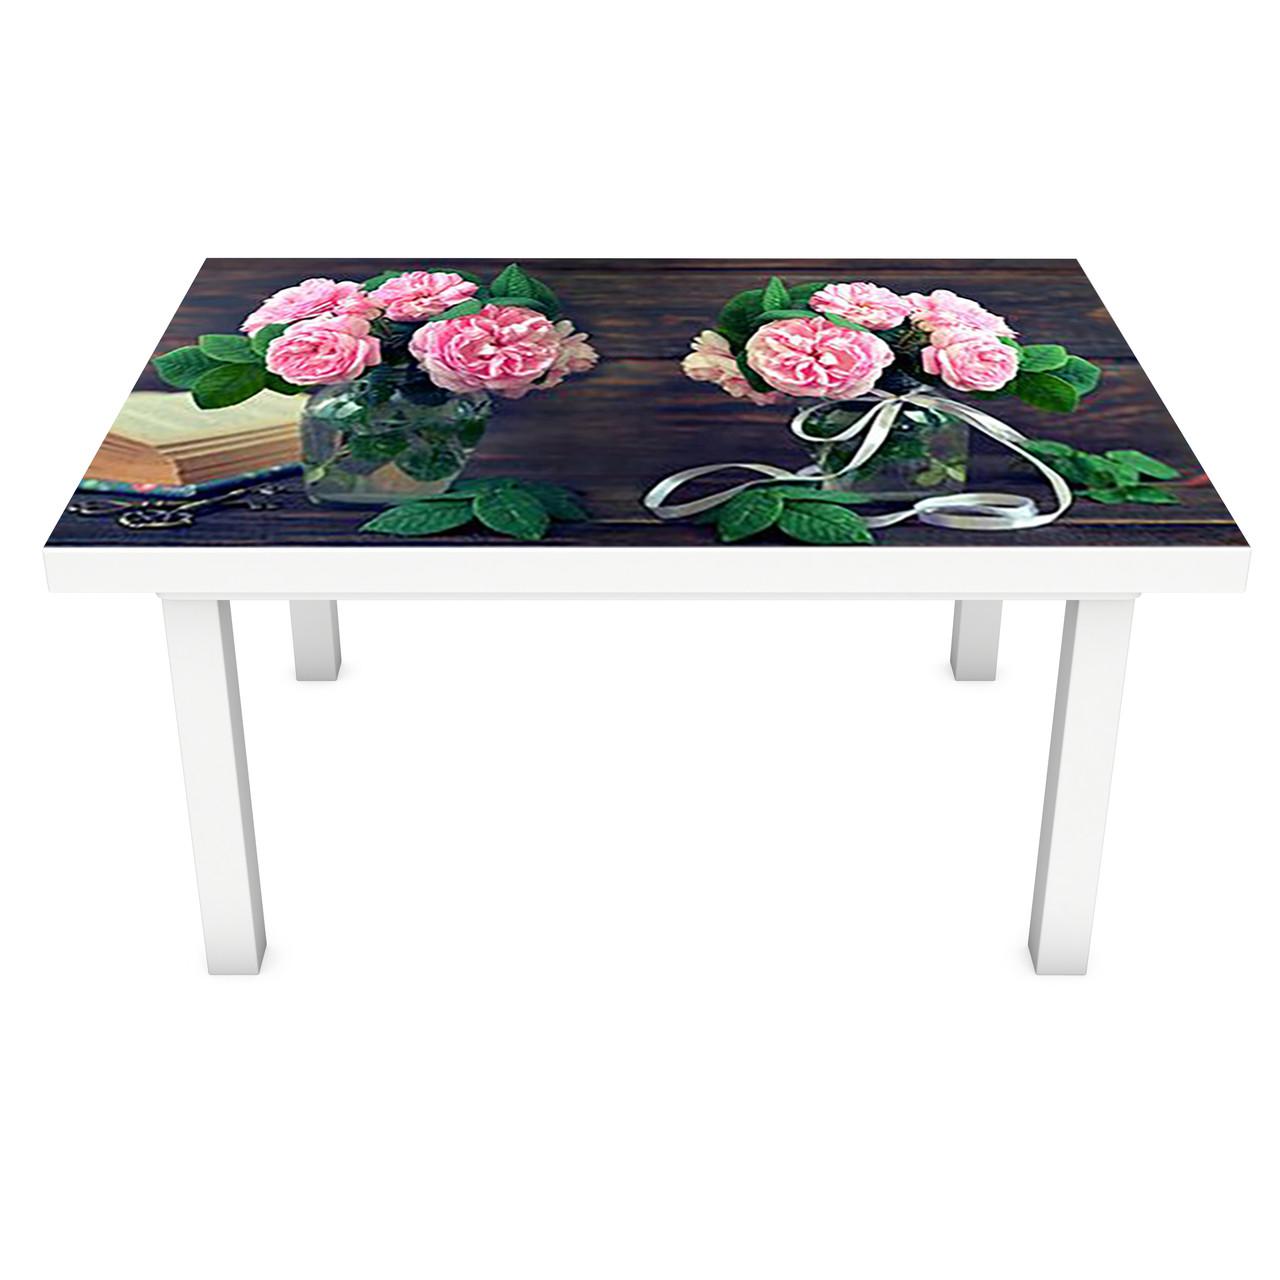 Наклейка на стол Розовые Розы 3Д ПВХ интерьерная пленка для мебели букеты цветы Коричневый 600*1200 мм